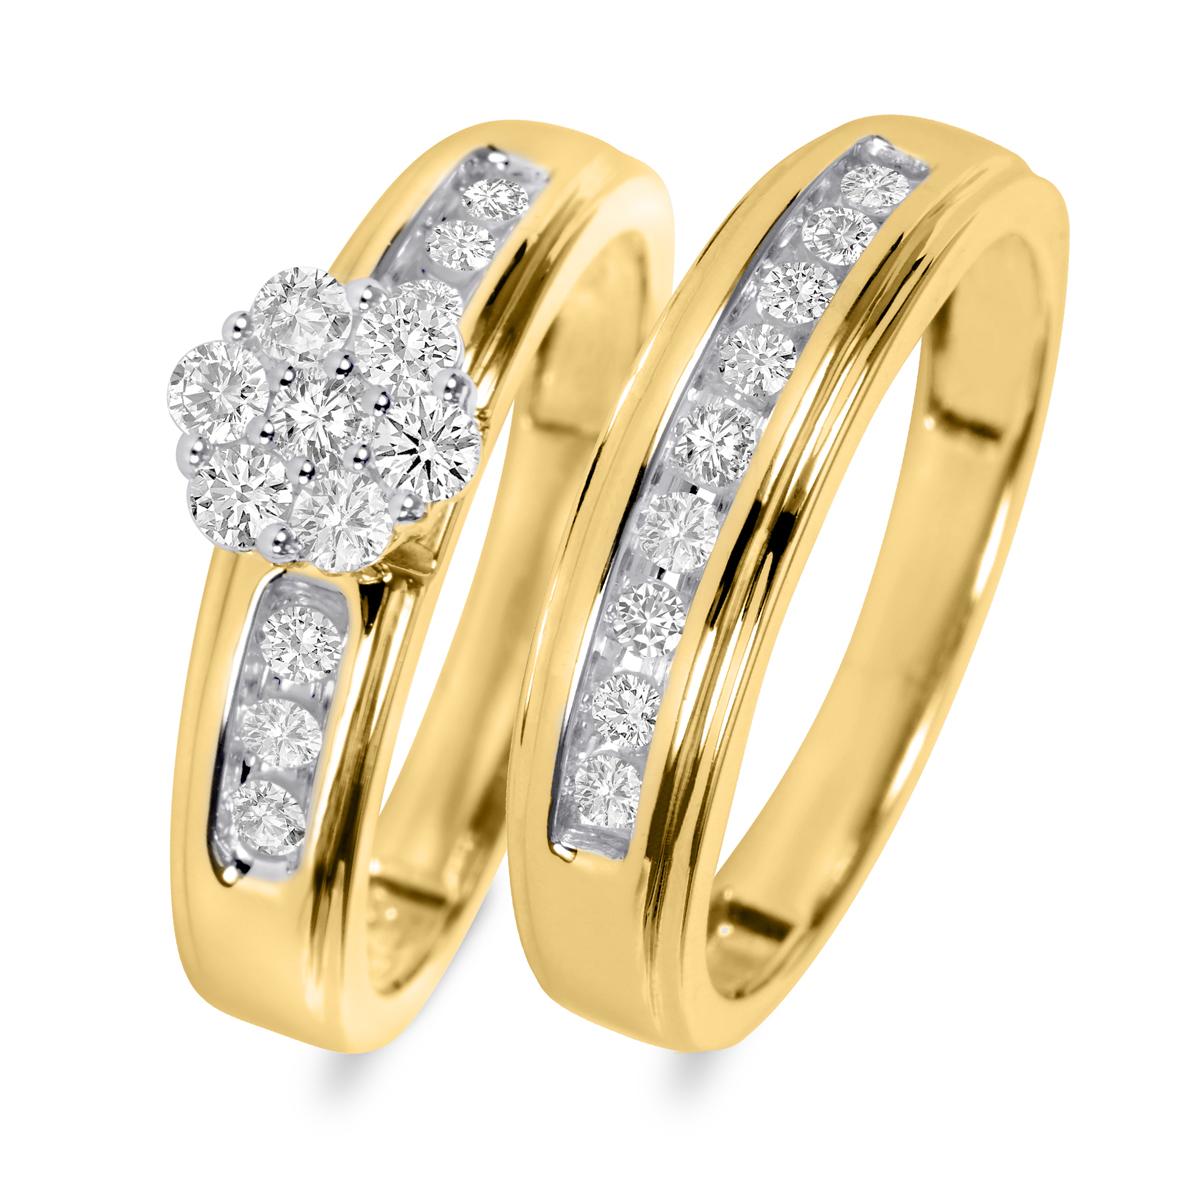 5/8 Carat T.W. Round Cut Diamond Ladies Bridal Wedding Ring Set 14K Yellow Gold